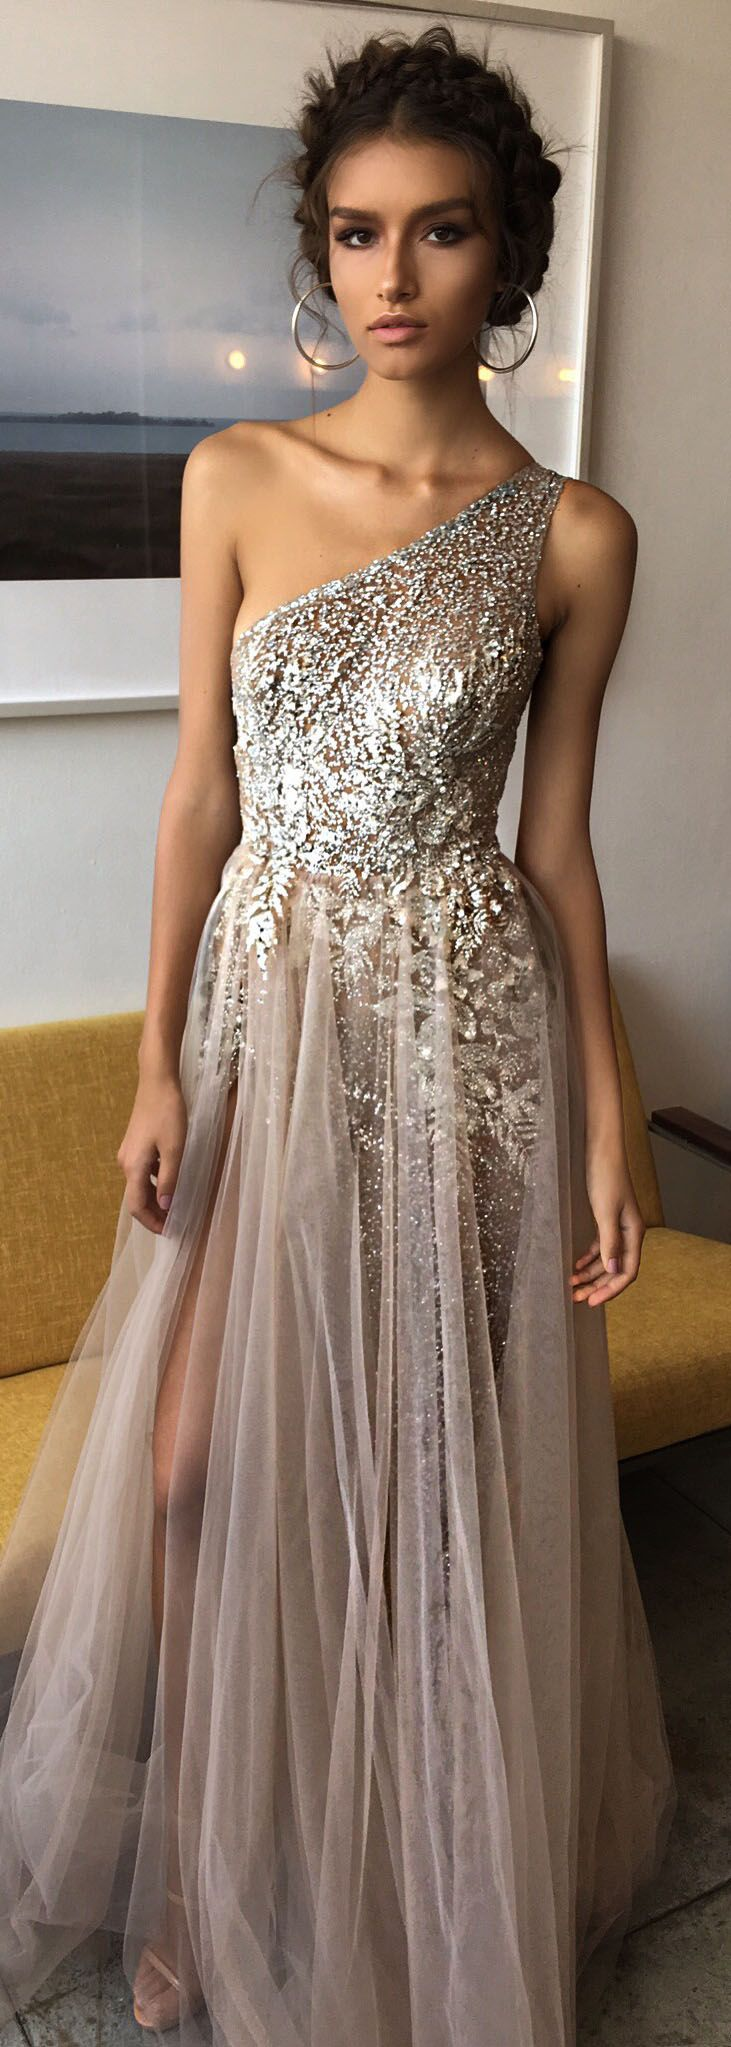 best clothes images on pinterest curve maxi dresses maxi